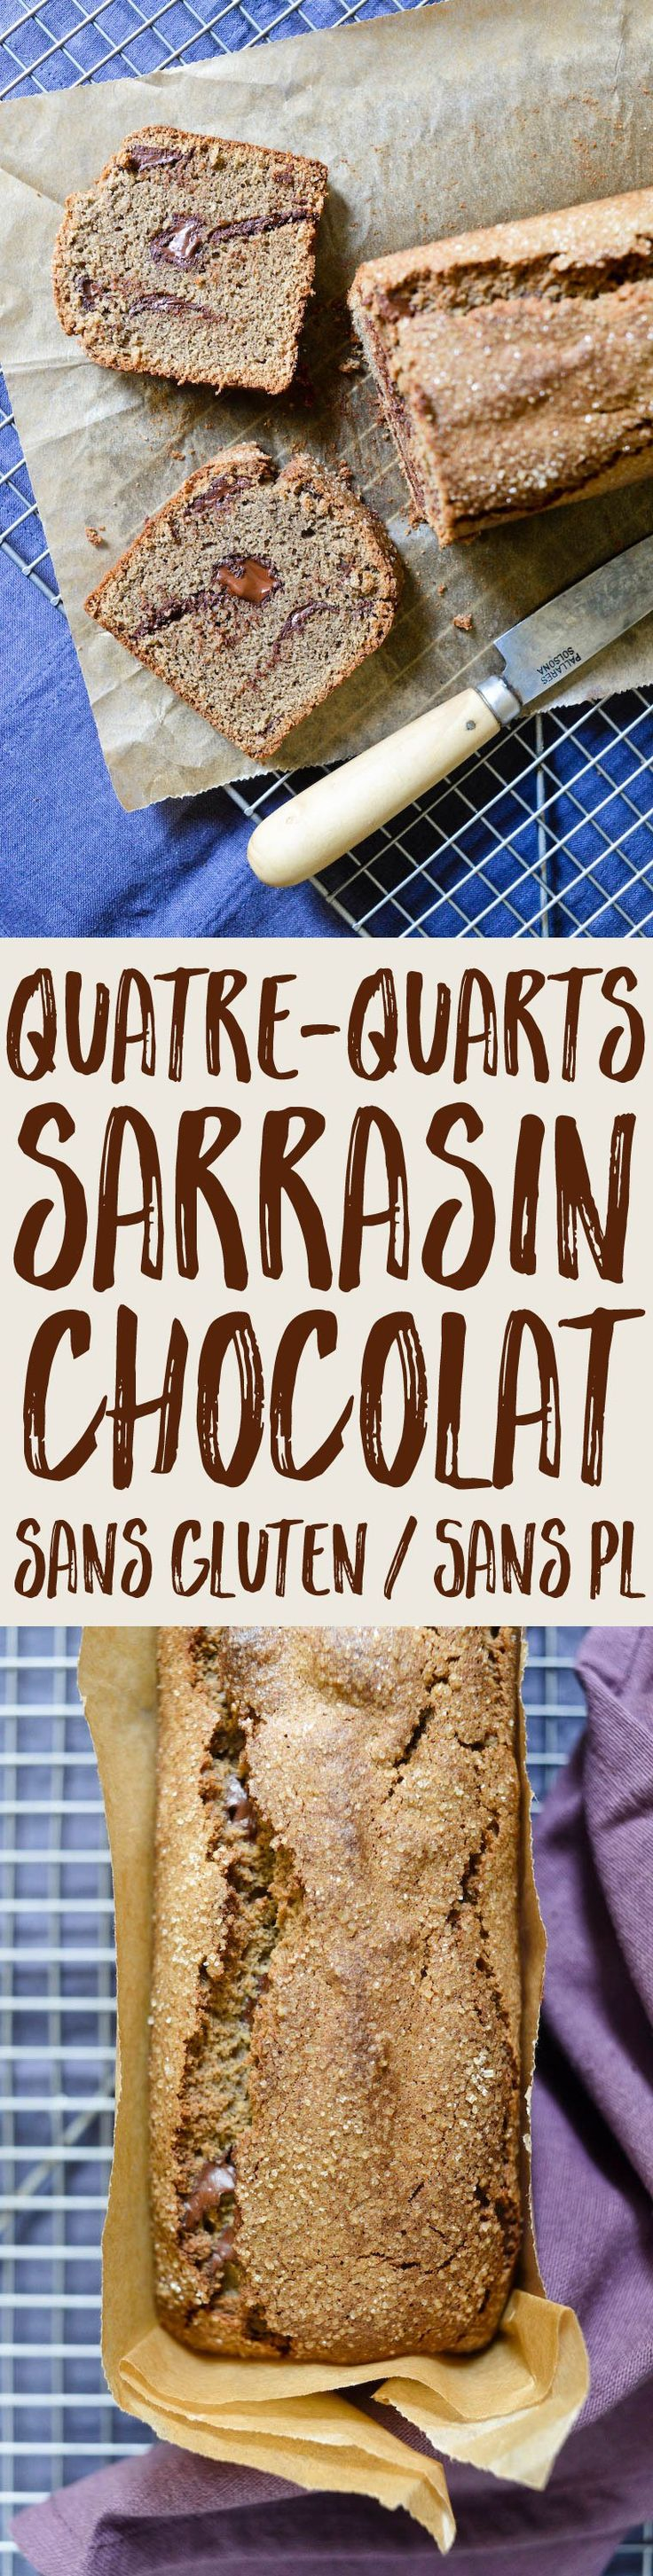 Quatre-quarts sarrasin et chocolat Recette | Chocolate & Zucchini